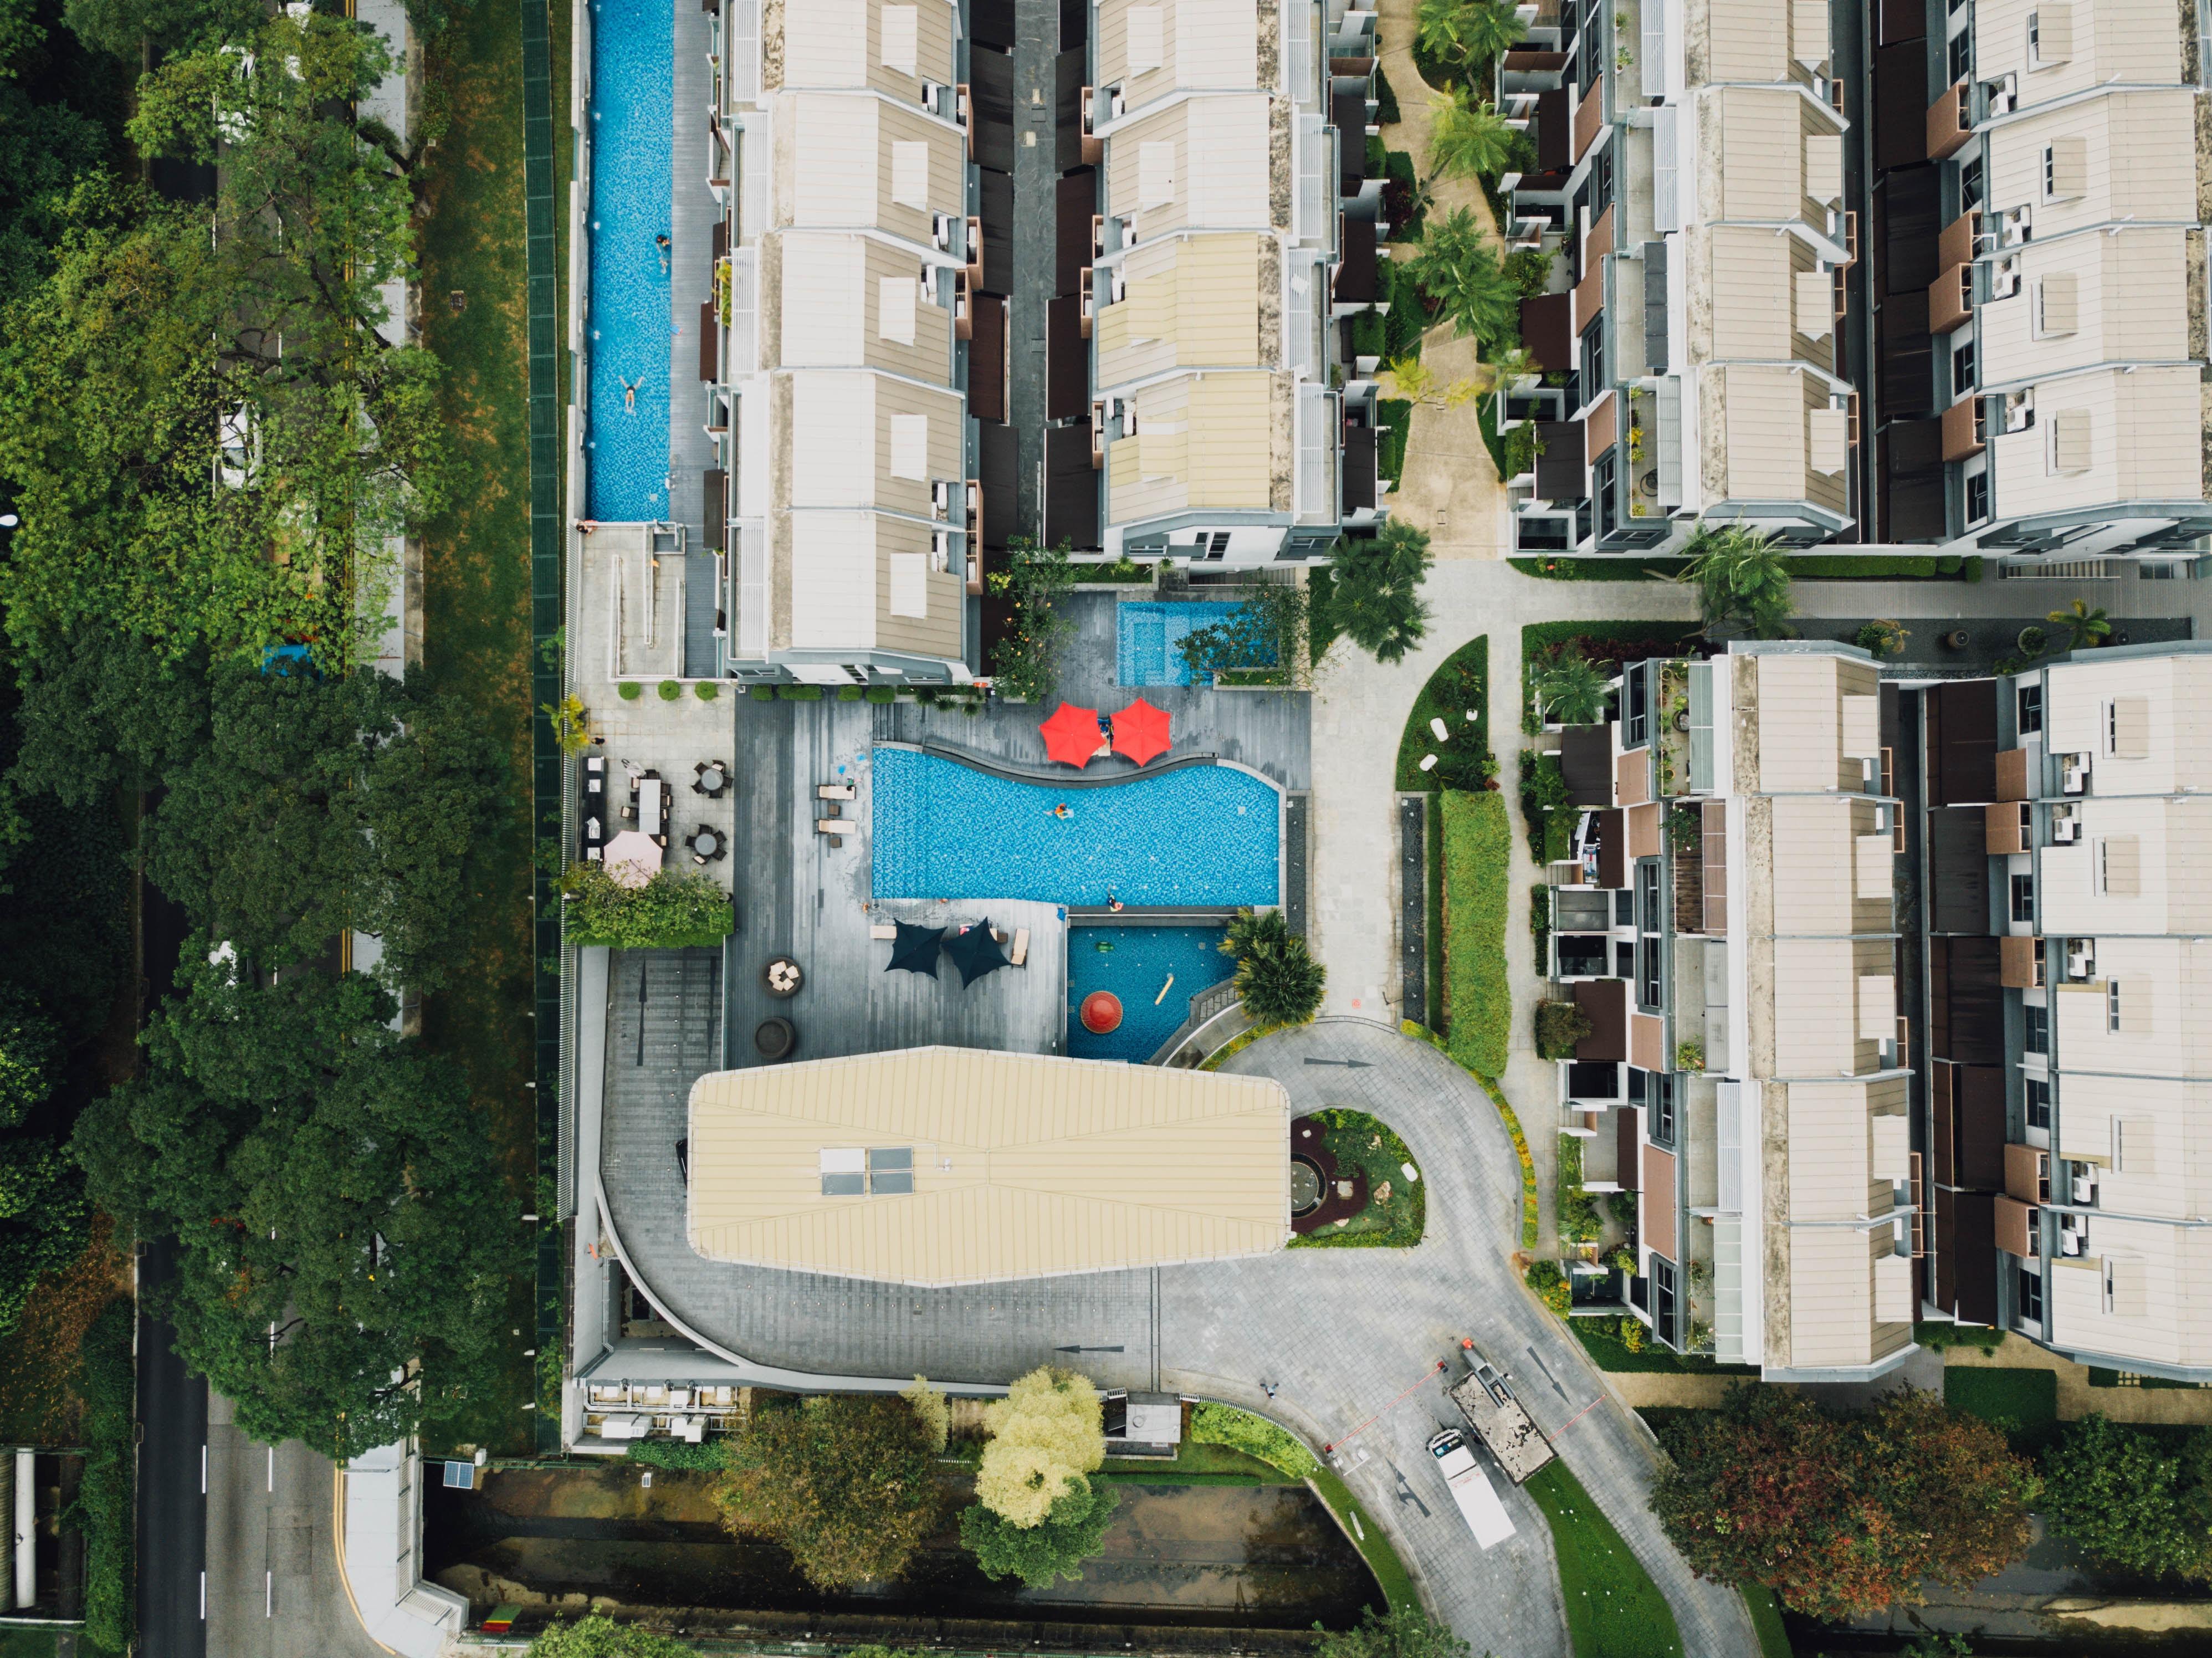 Mantenimiento de piscinas en una comunidad de vecinos